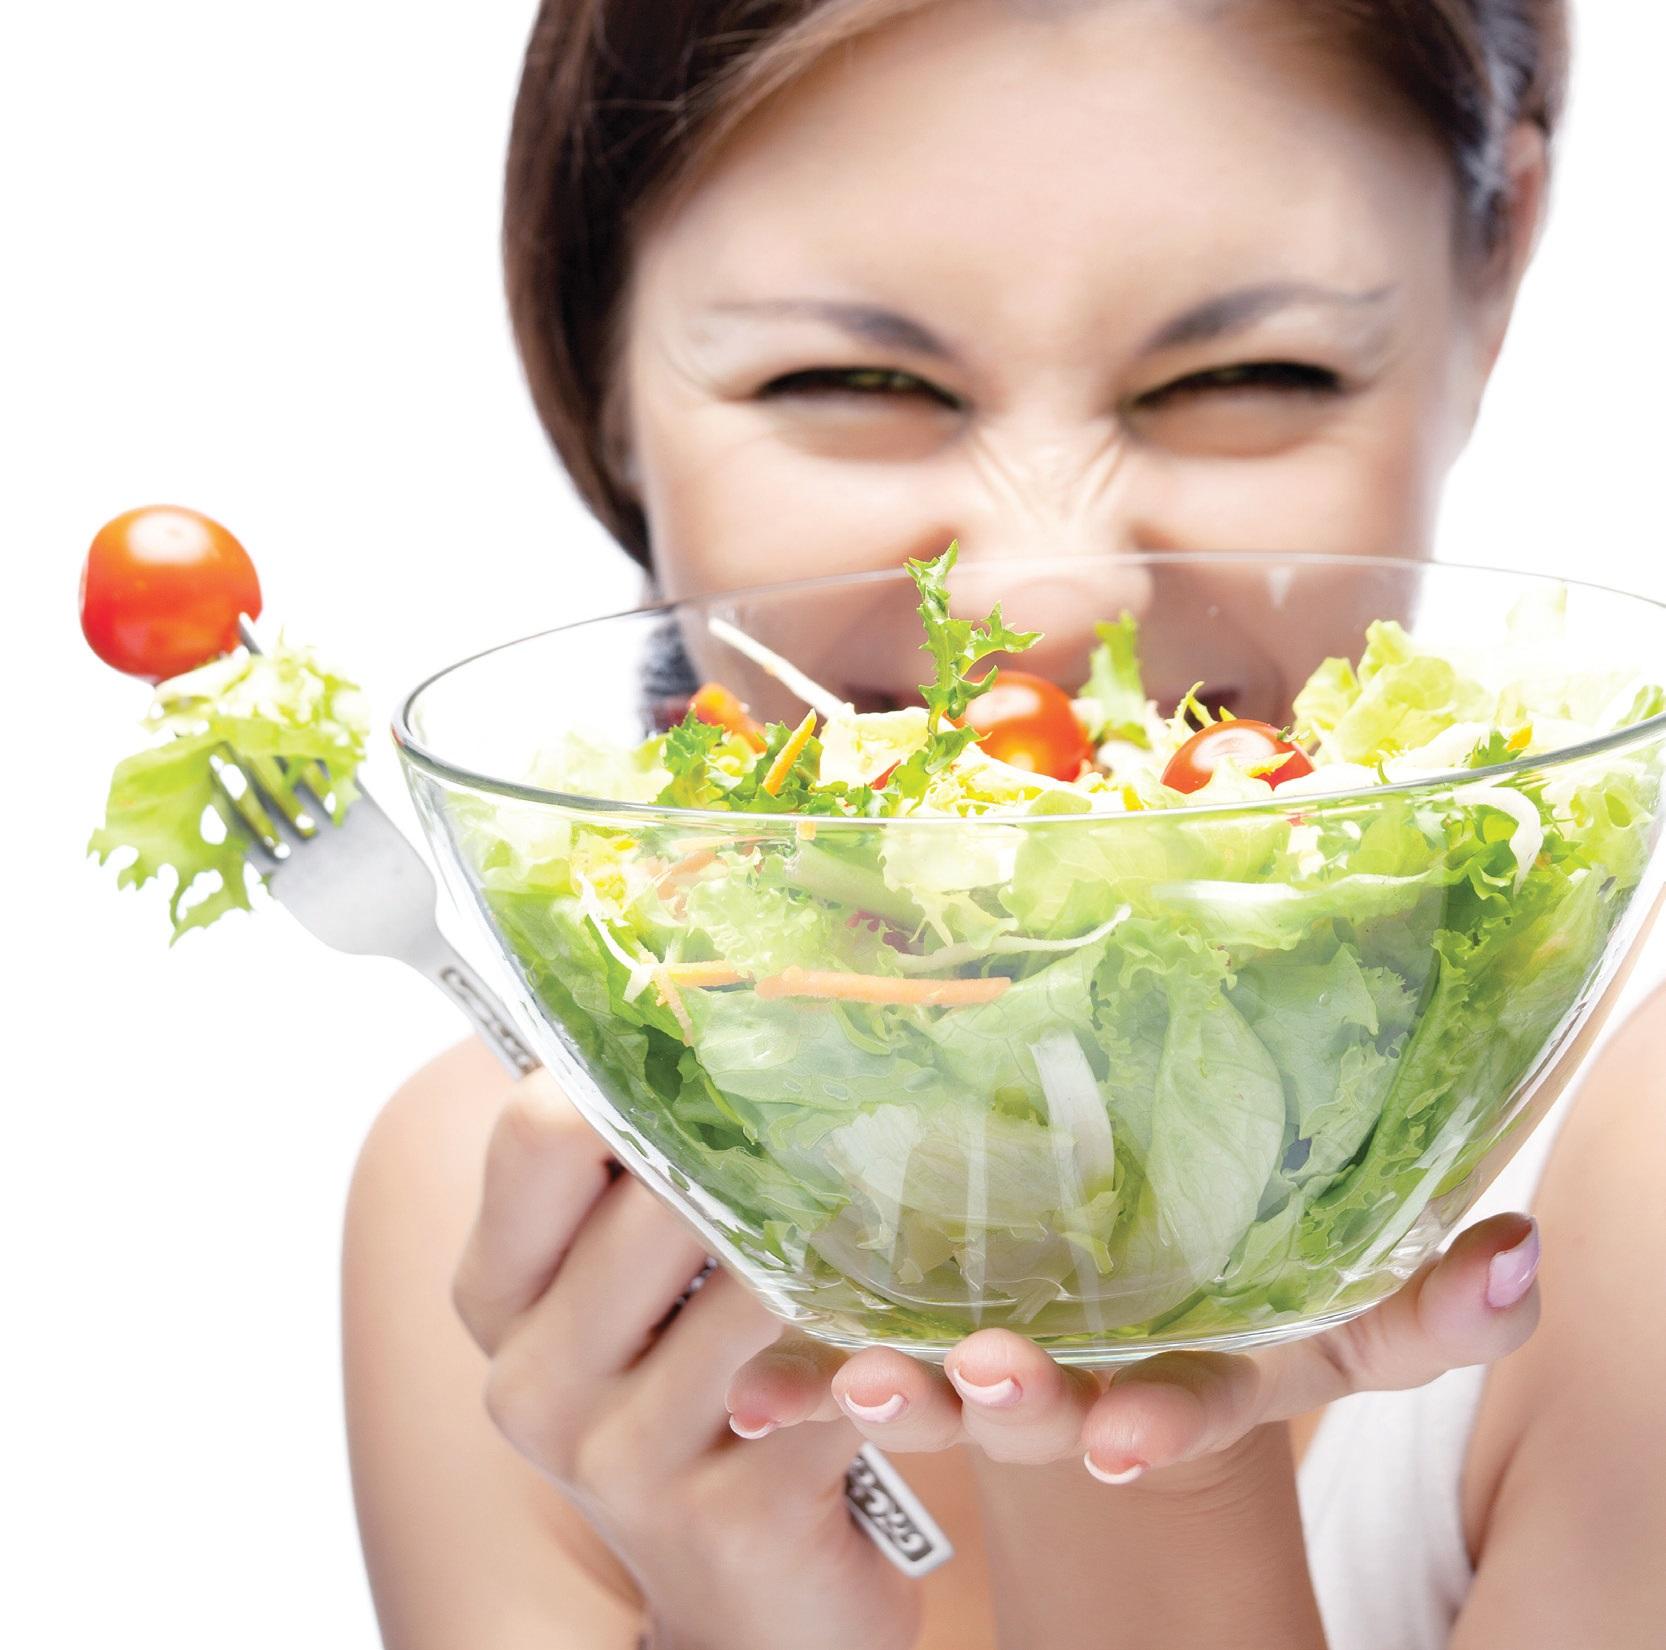 Ăn nhiều rau xanh giúp giảm nguy cơ ung thư vú-1